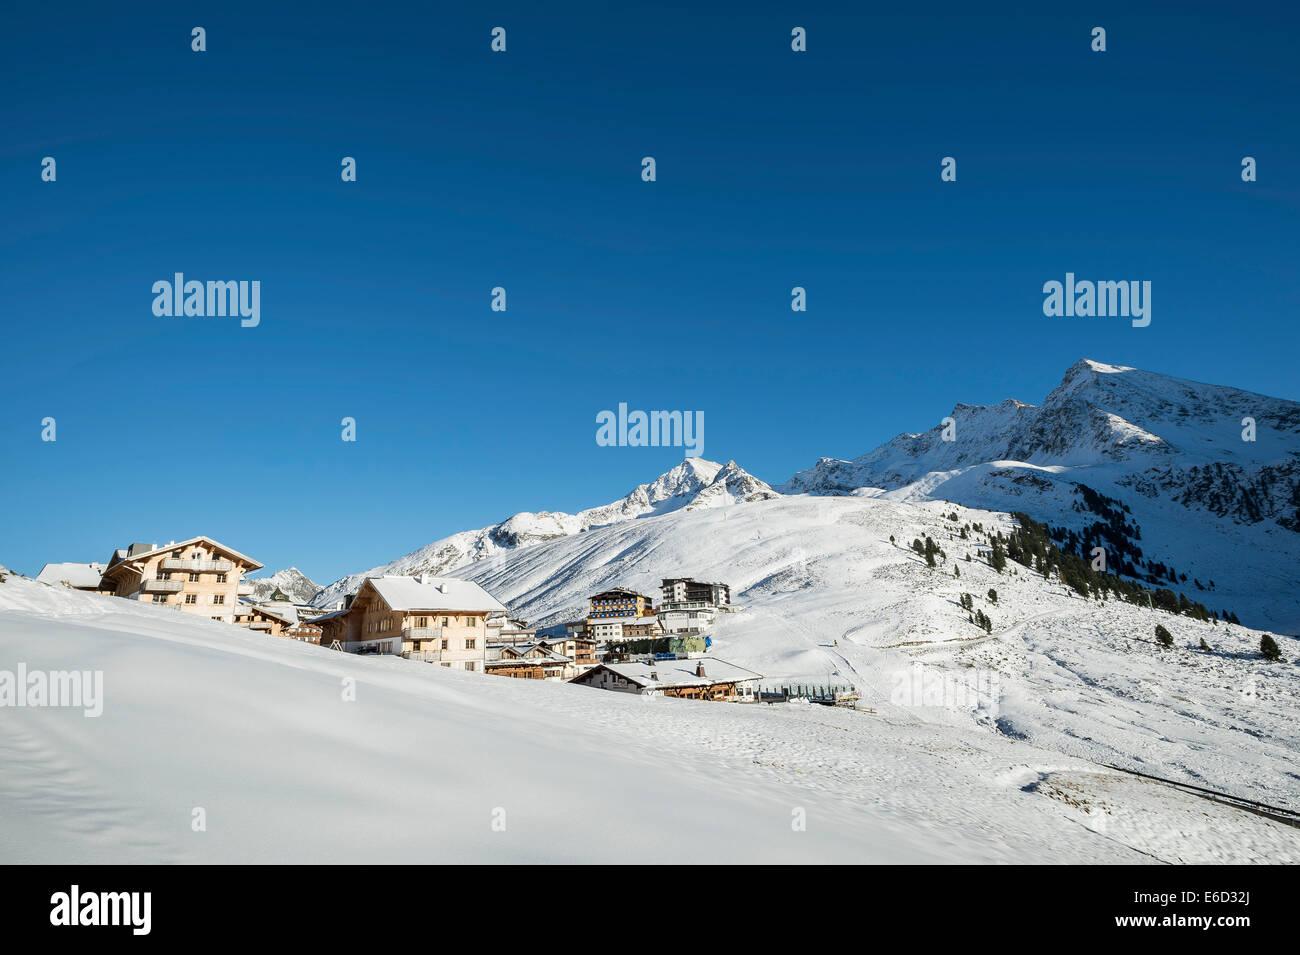 Mountain village of Kühtai, skiing area, Tyrol, Austria - Stock Image